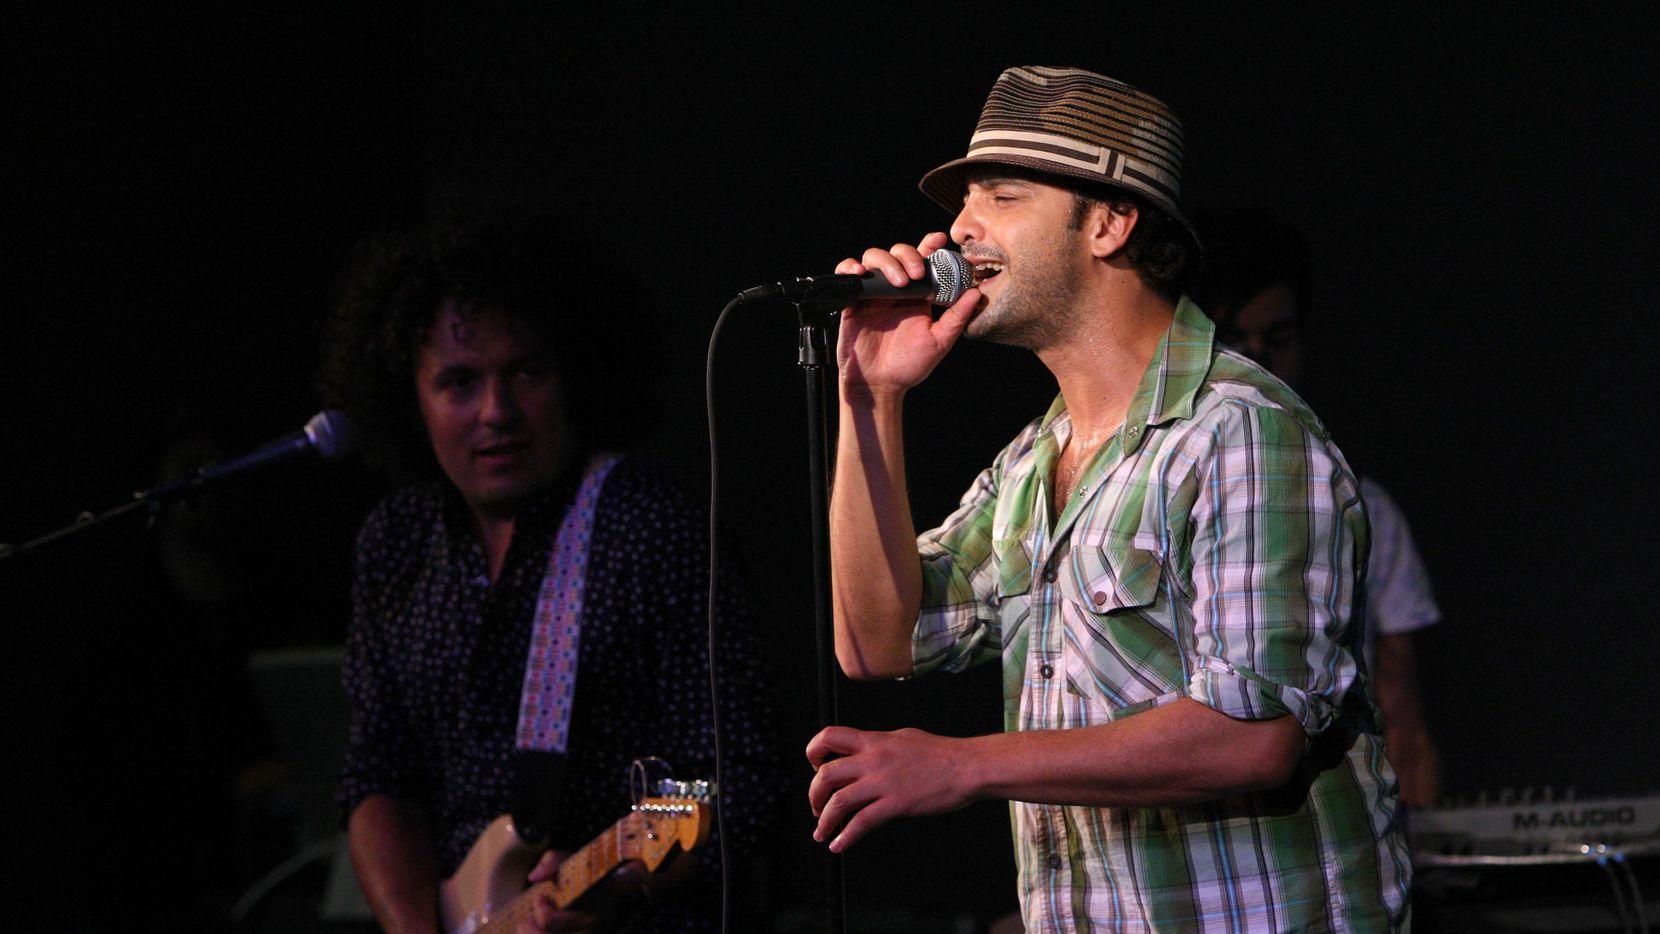 Julio Briceño y Los Amigos Invisibles tocan el jueves en Dallas. (Getty Images/Jason Kempin)